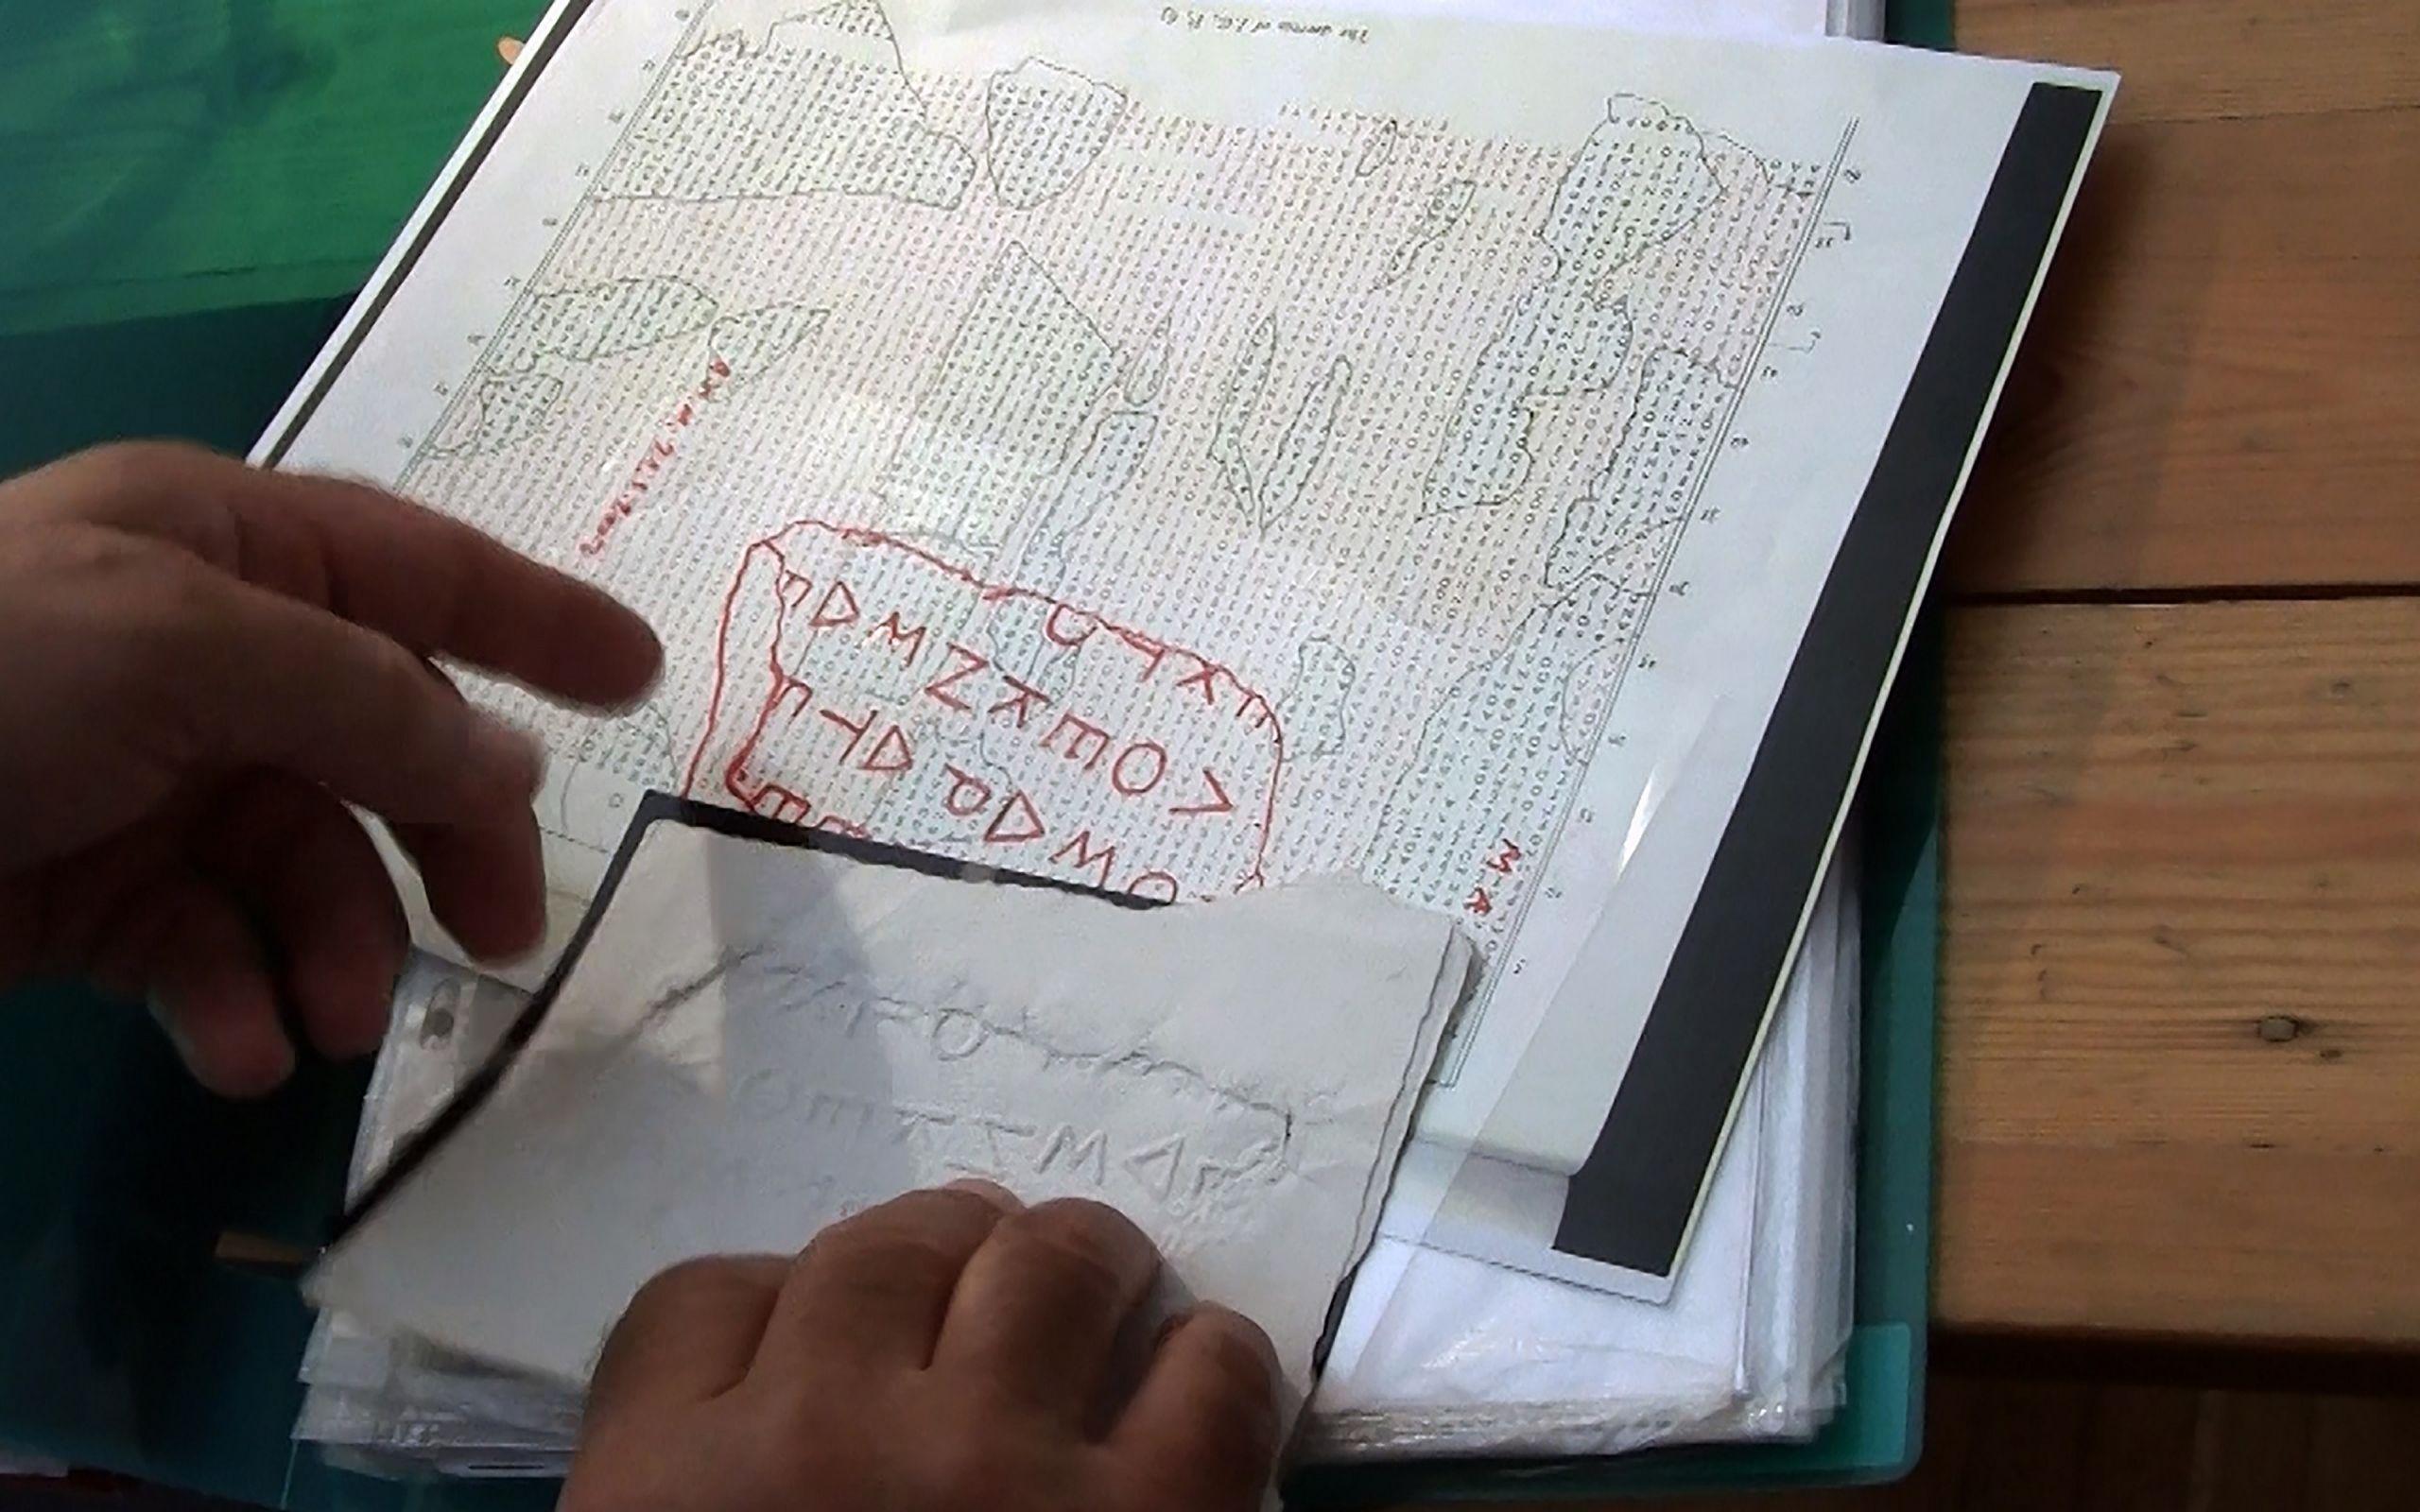 Νίνα Παππά Σημειώσεις, 2021- Ευγενική παραχώρηση της καλλιτέχνιδας